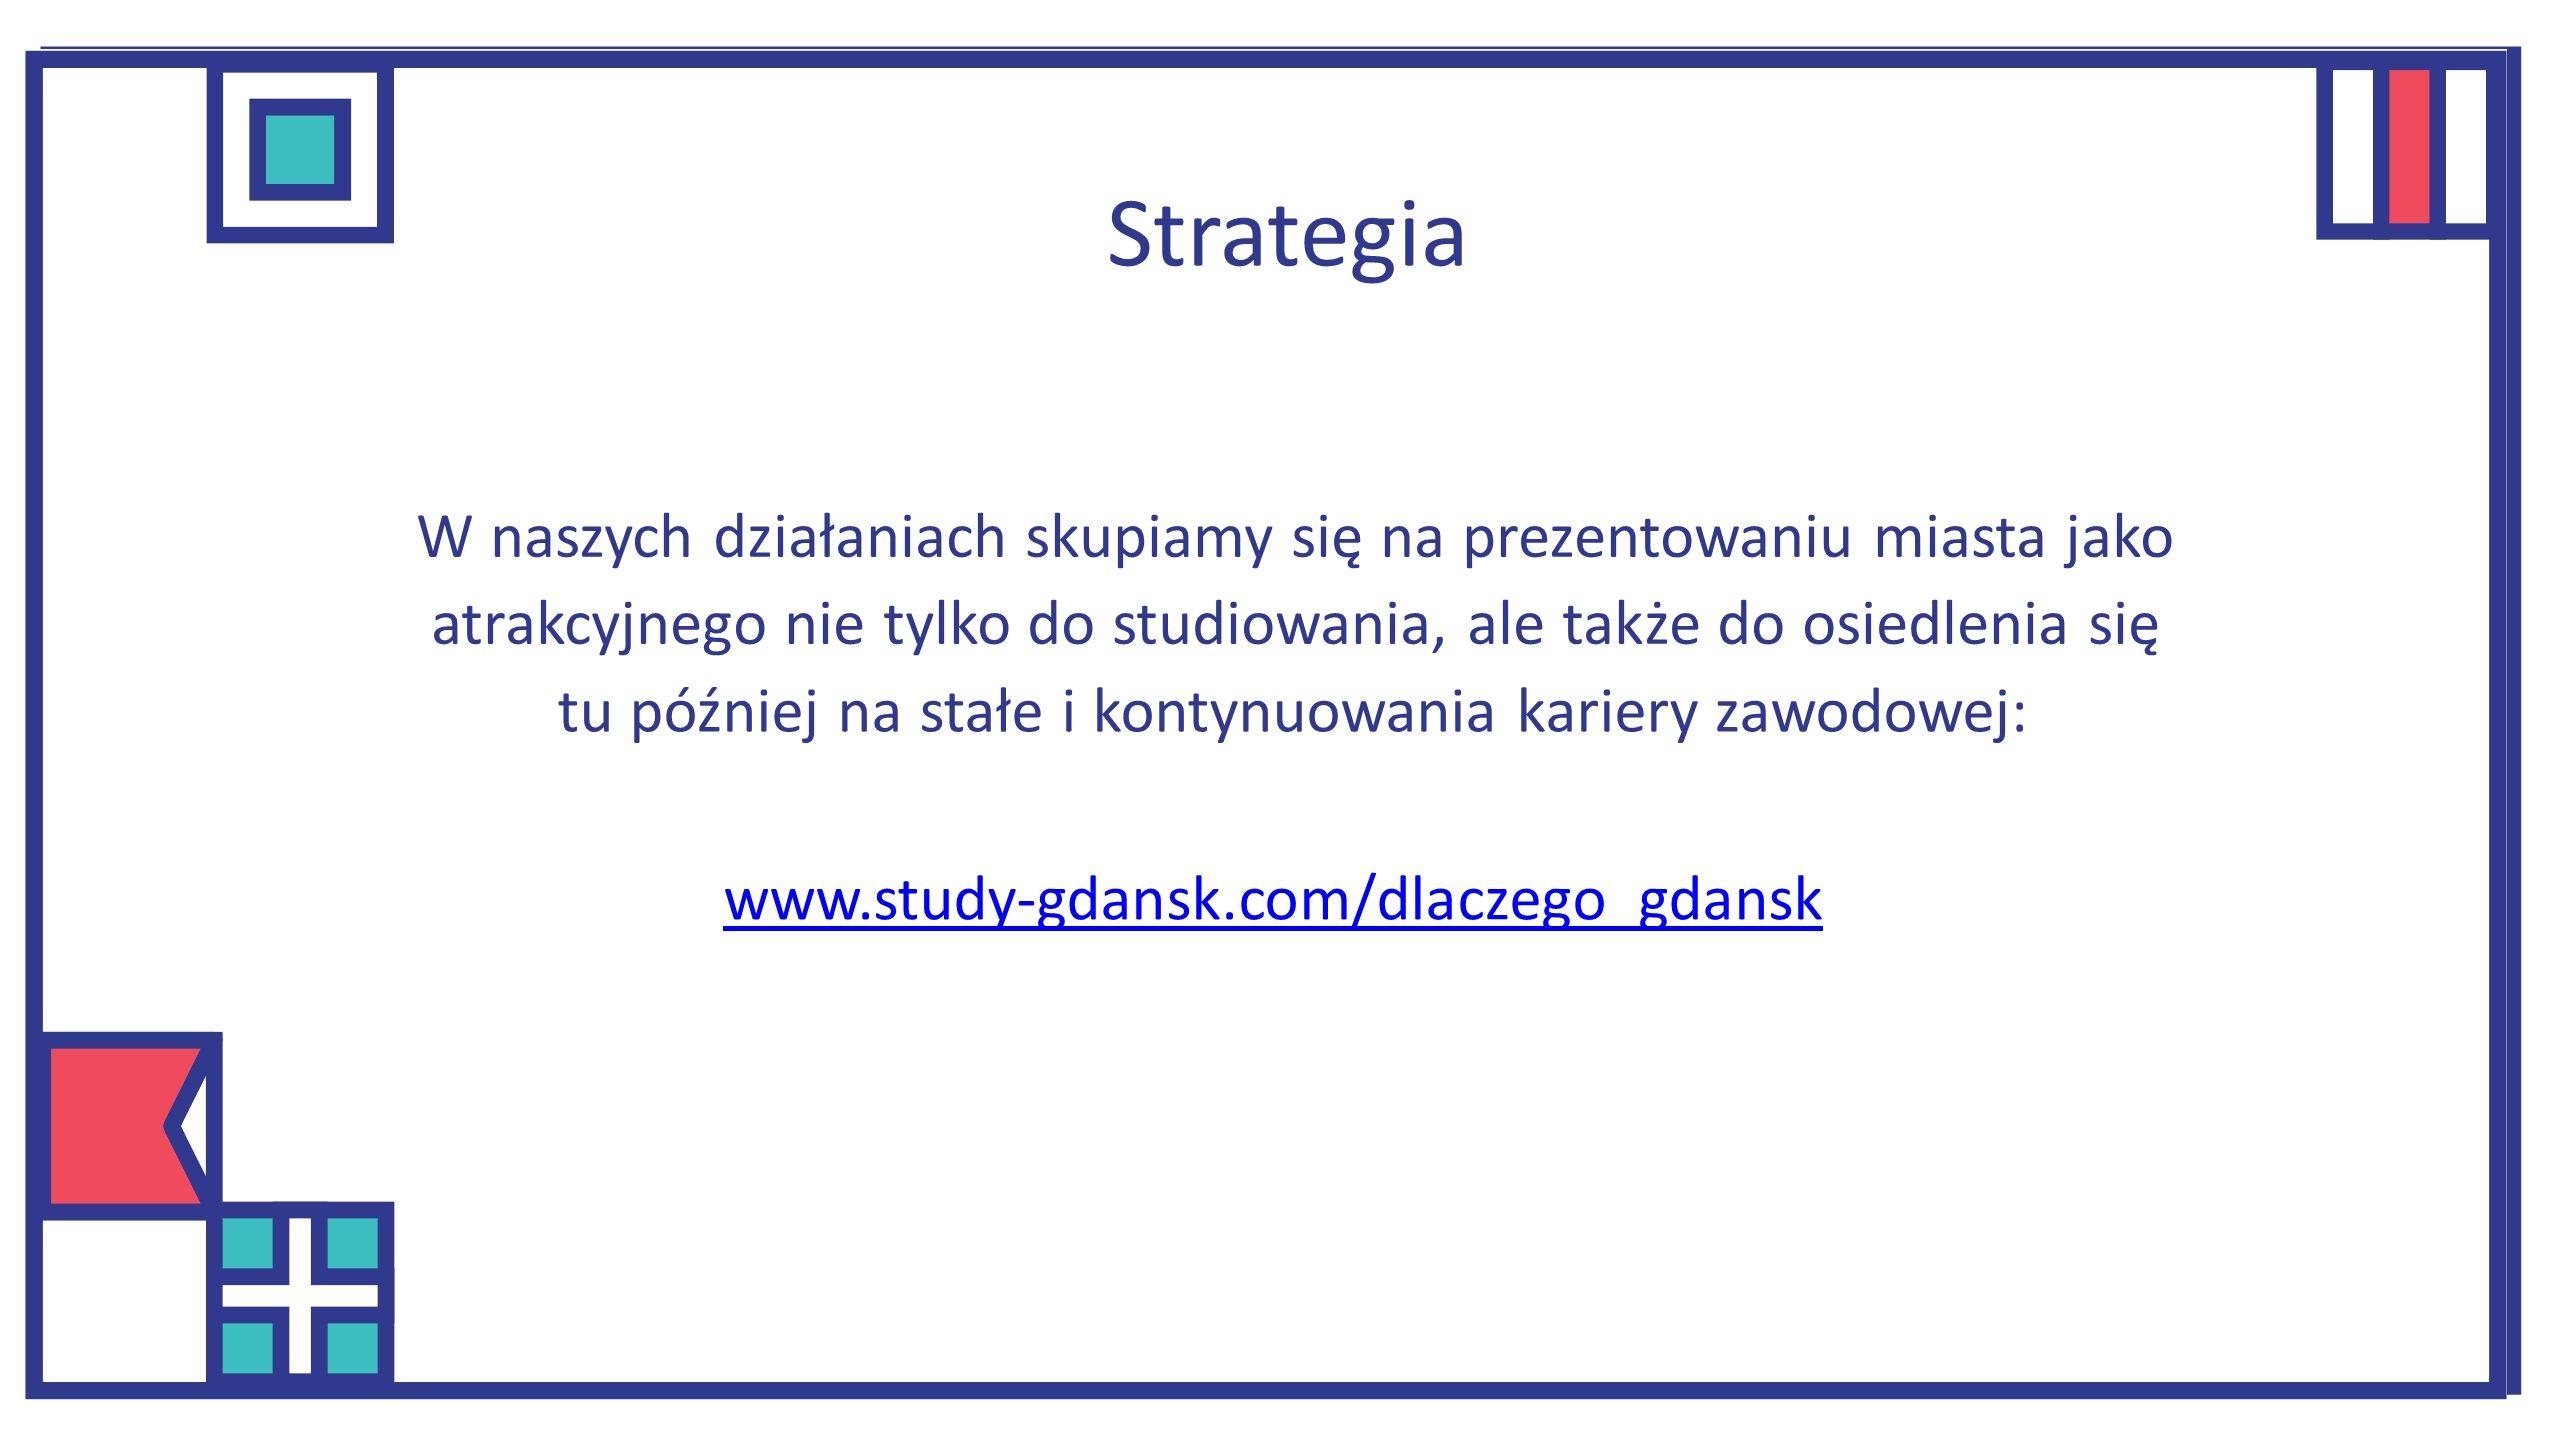 W naszych działaniach skupiamy się na prezentowaniu miasta jako atrakcyjnego nie tylko do studiowania, ale także do osiedlenia się tu później na stałe i kontynuowania kariery zawodowej: www.study-gdansk.com/dlaczego_gdansk Strategia